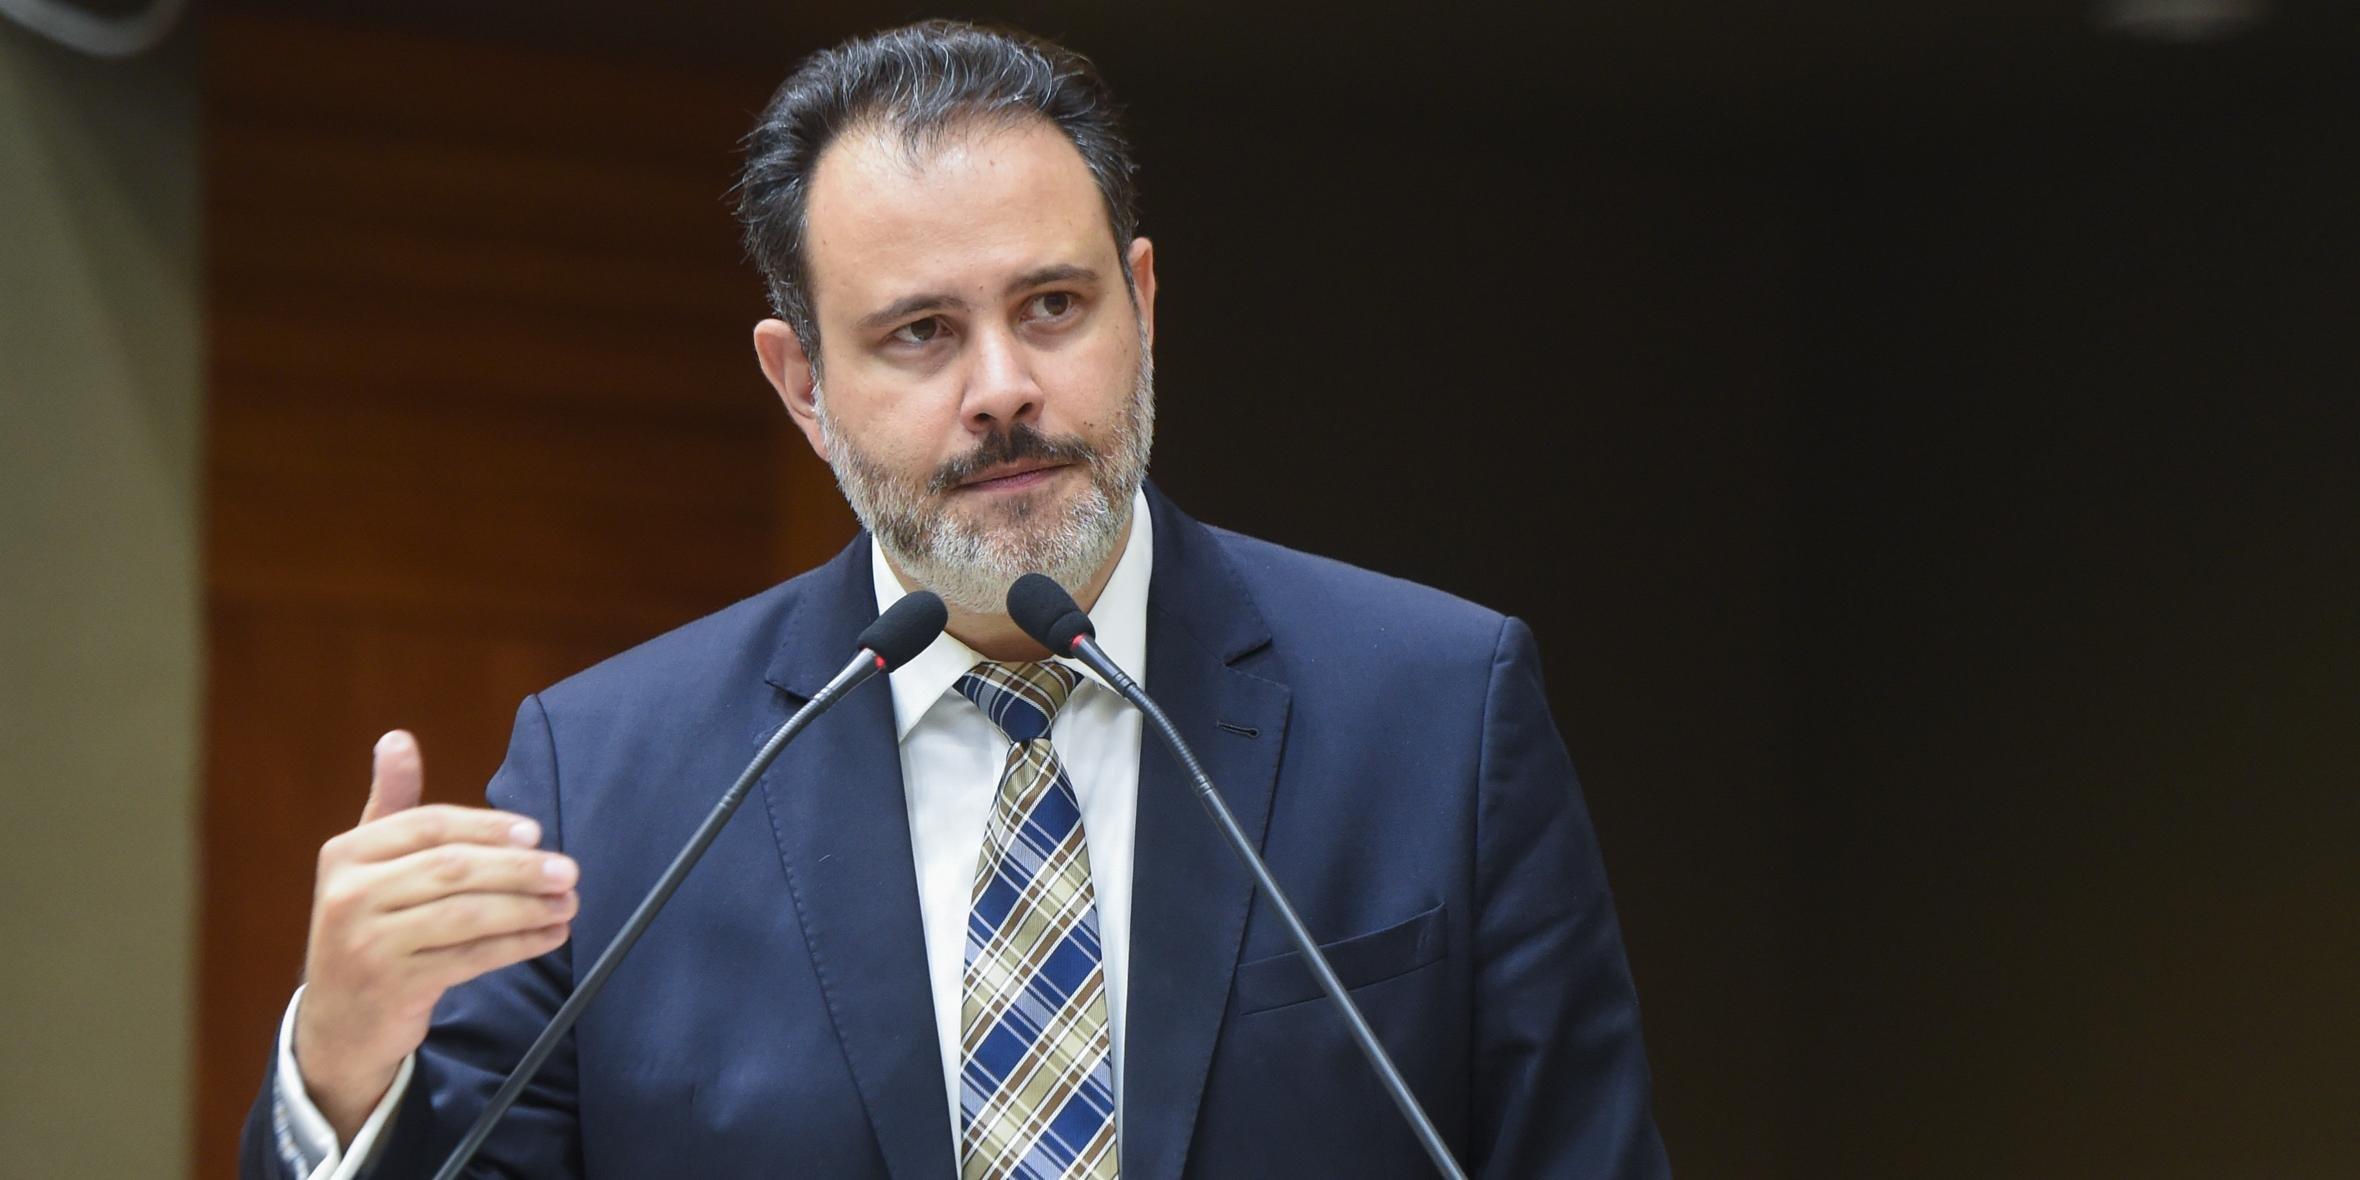 Pelas tratativas, o companheiro de chapa de Sebastião Melo (MDB) será o vereador Ricardo Gomes (DEM)